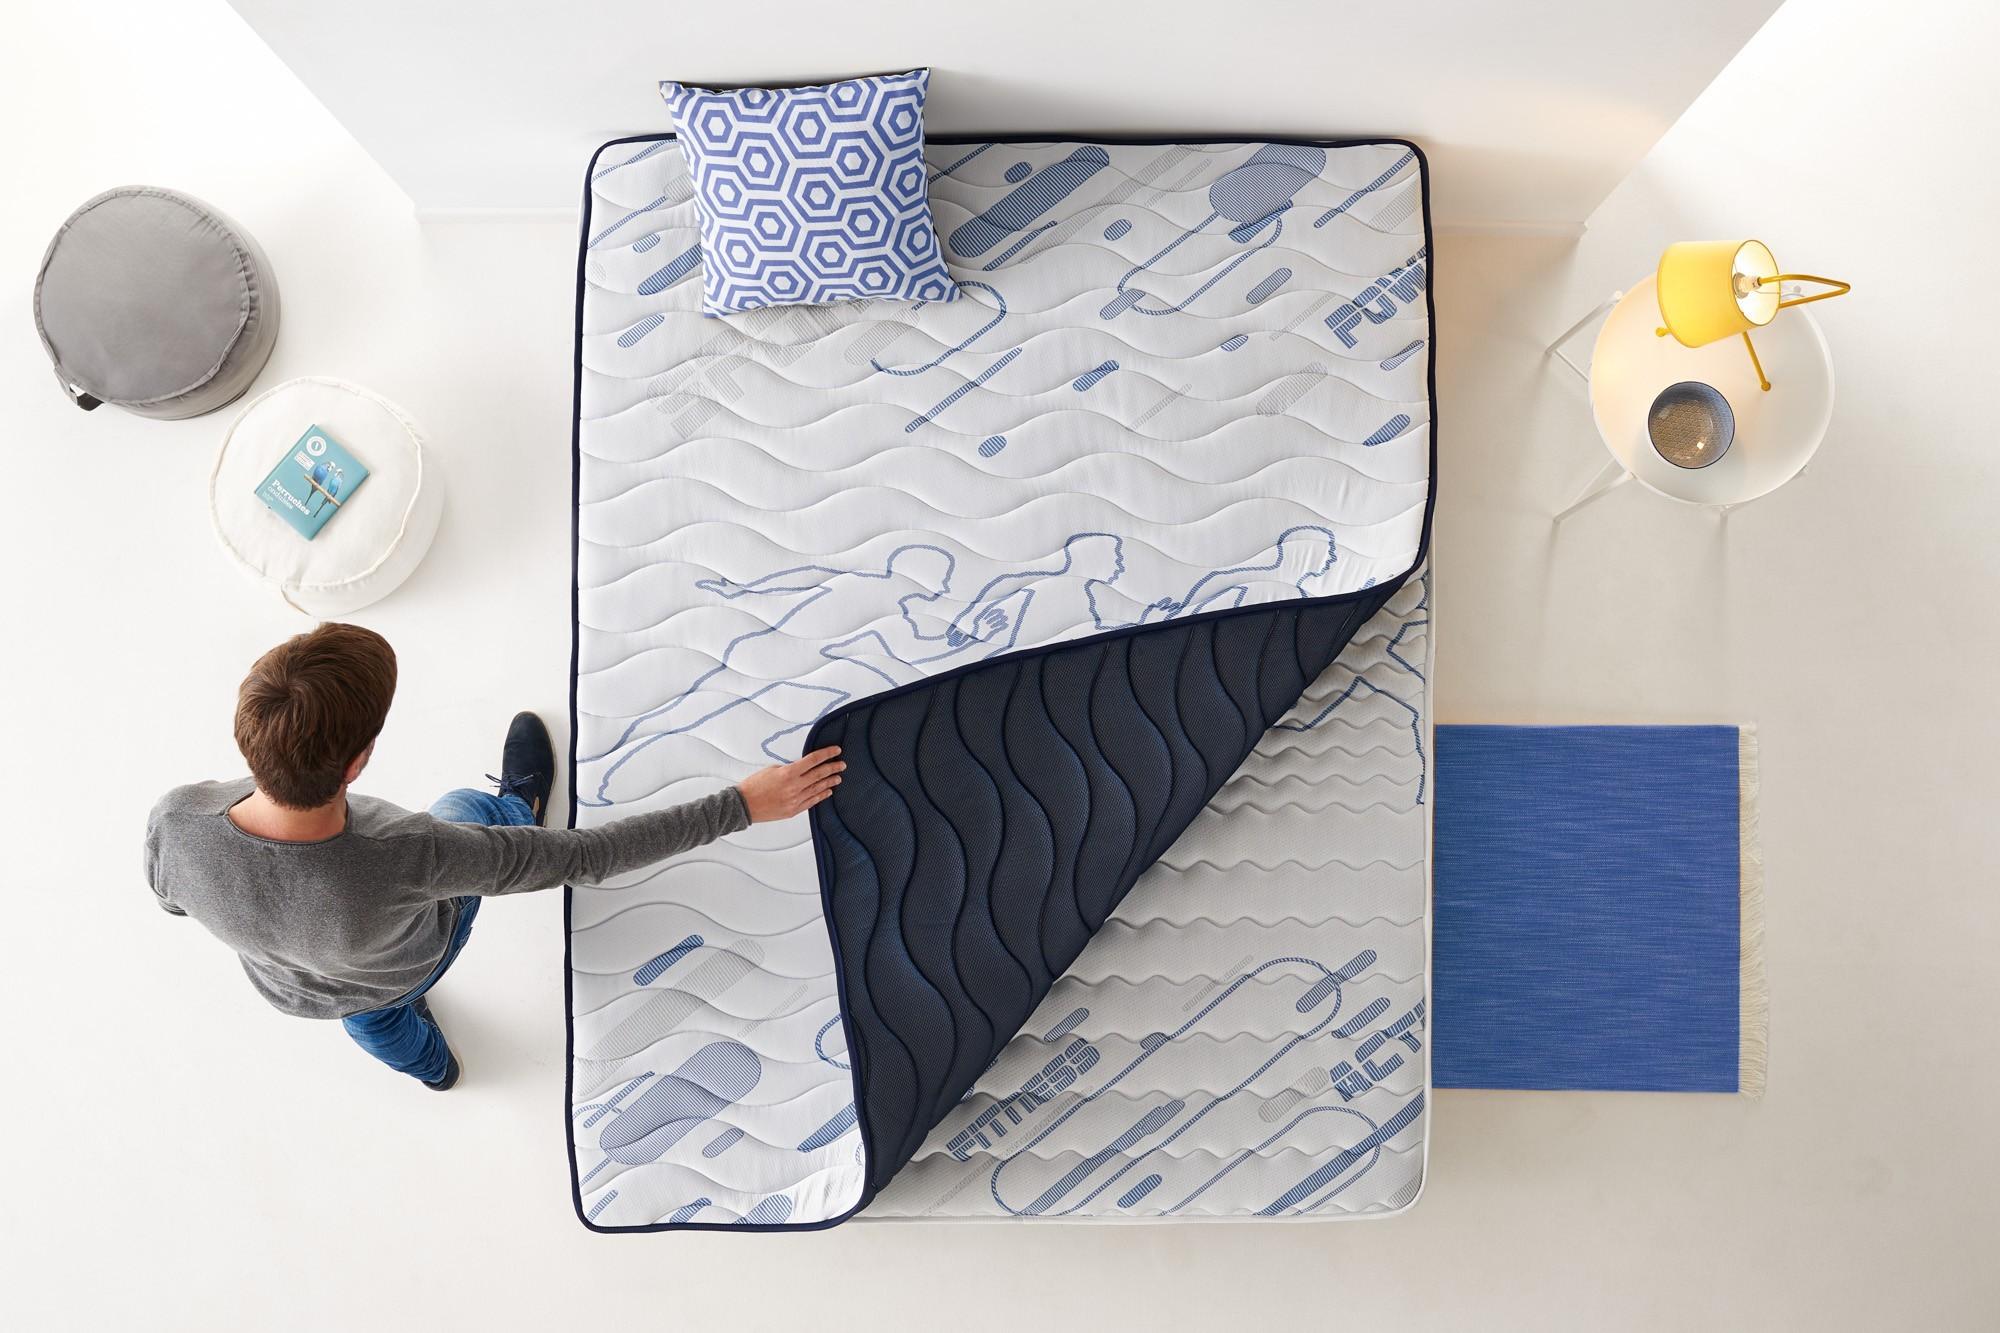 Cobertor de colchão TOPPER Capa do colchão de espuma de memória SPORT+ Memofresh para desportistas | Cosmos® Bedding